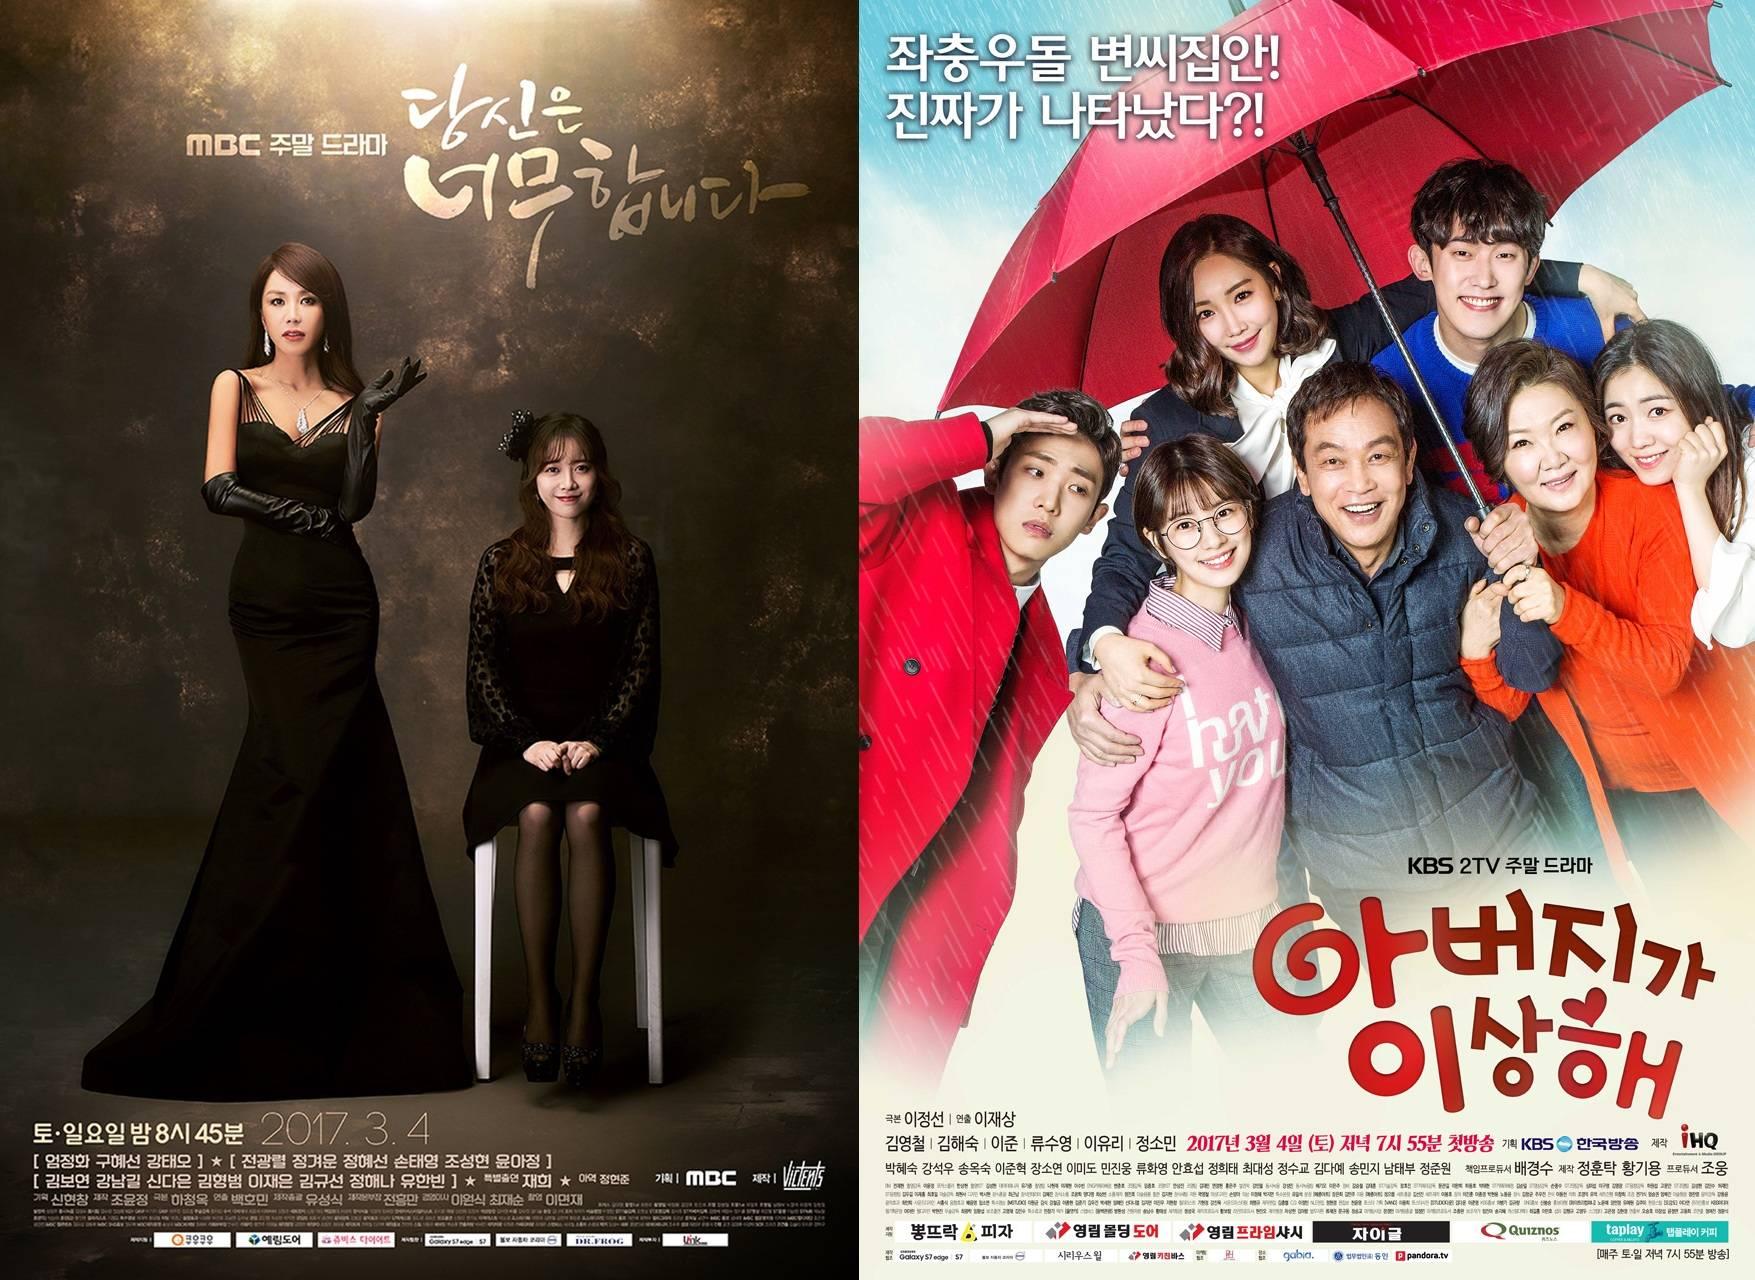 Korean dramas starting today 2017/03/04 in Korea @ HanCinema